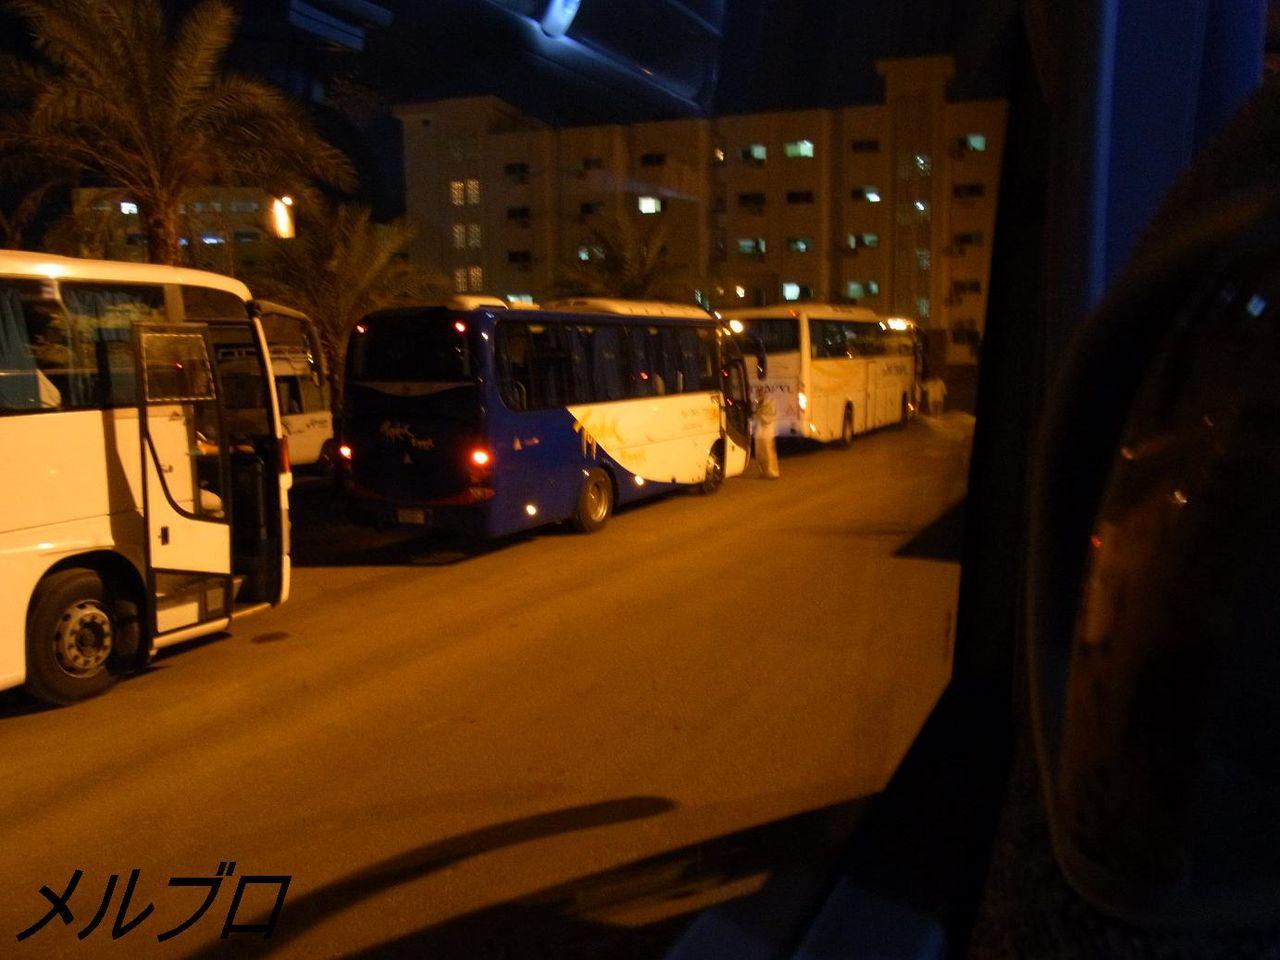 たくさんのバス